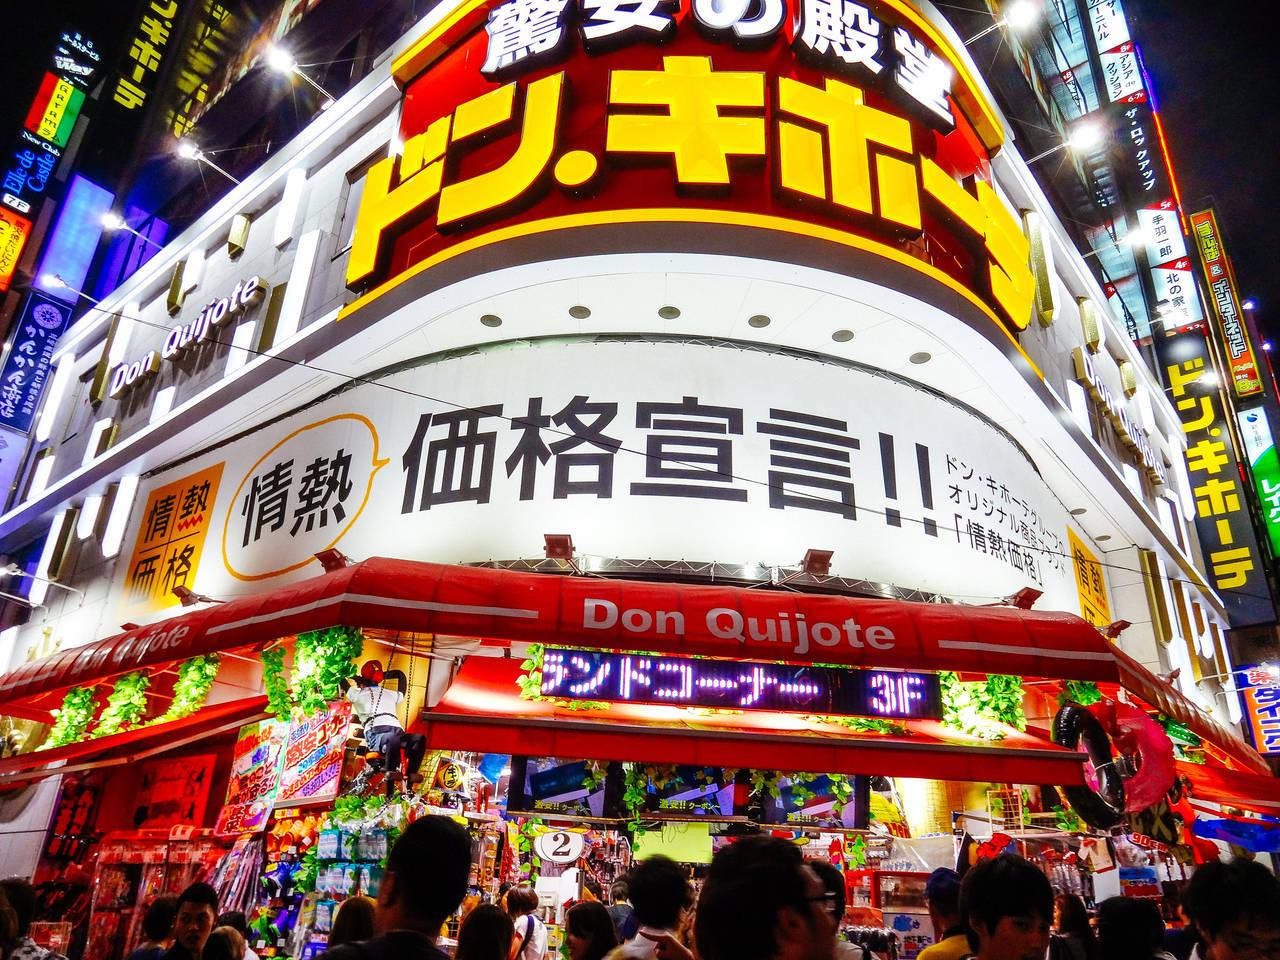 De winkel Don Quijote Shinjuku